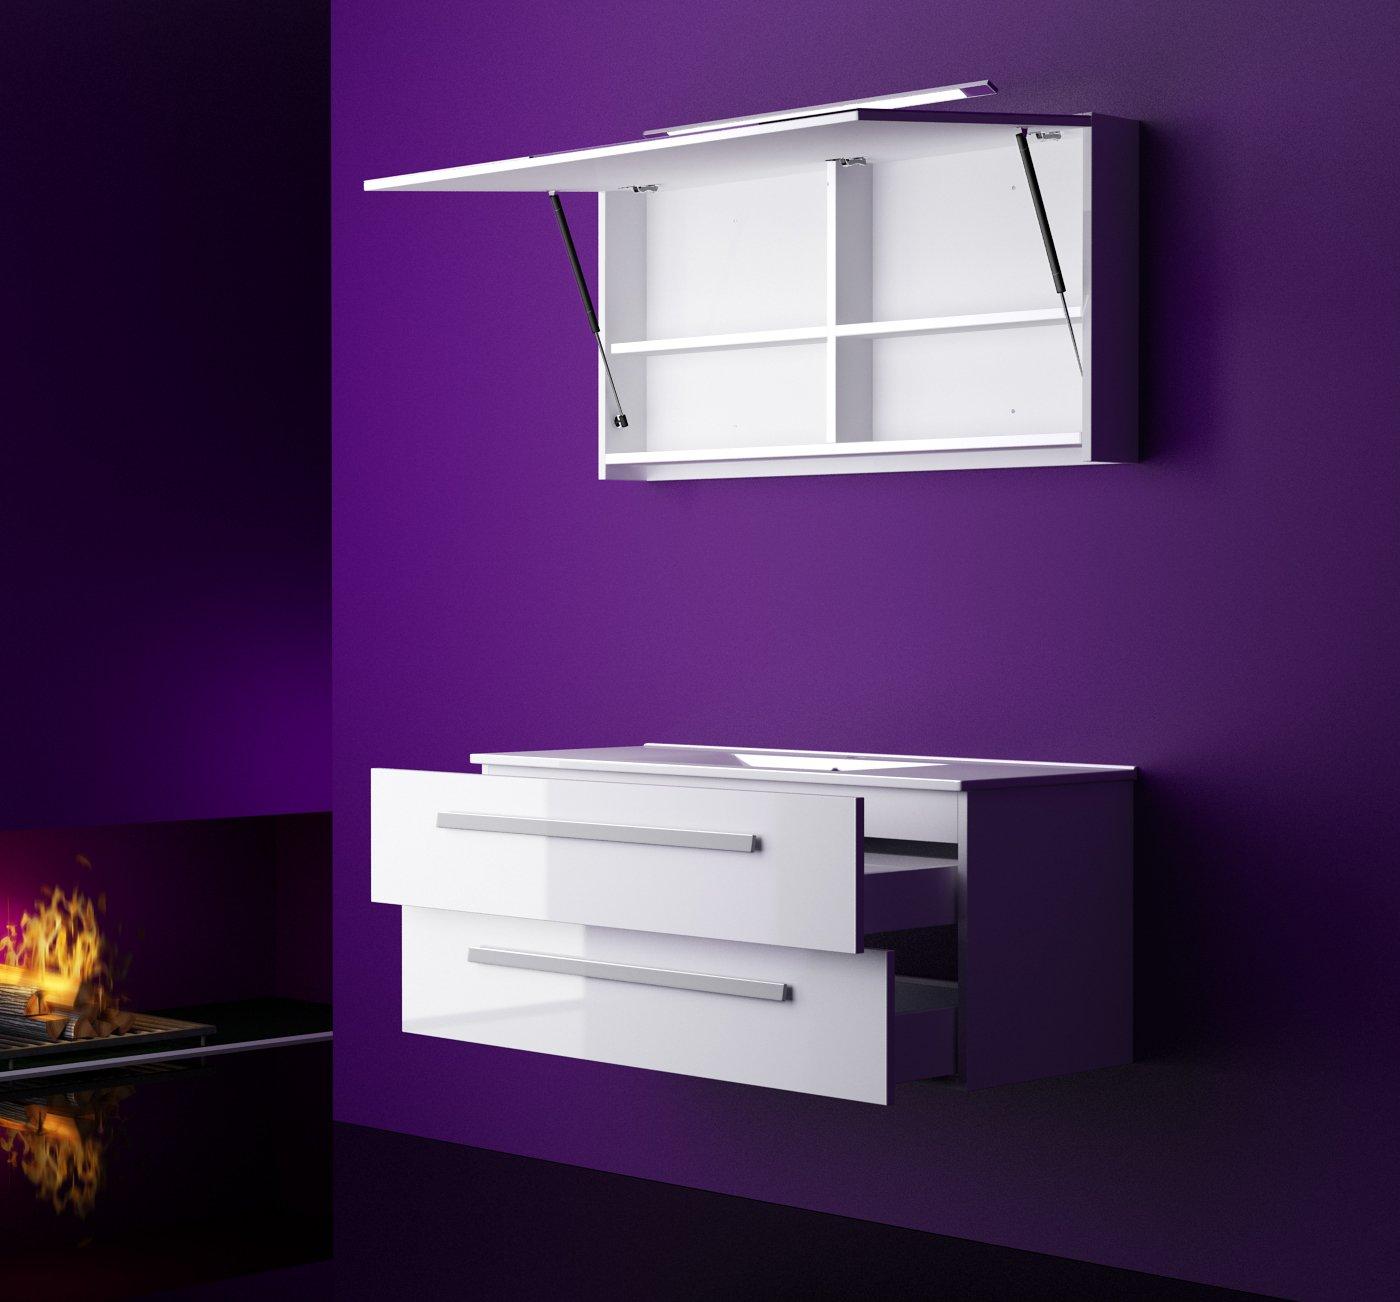 Badmöbel set Atlantis Hochglanz/Weiß Korpus Weiß Lackiert 60cm besteht aus Spiegelschrank mit Beleuchtung, Waschbeckenunterschrank und Keramik Waschbecken (Weiß)  Bewertungen und Beschreibung